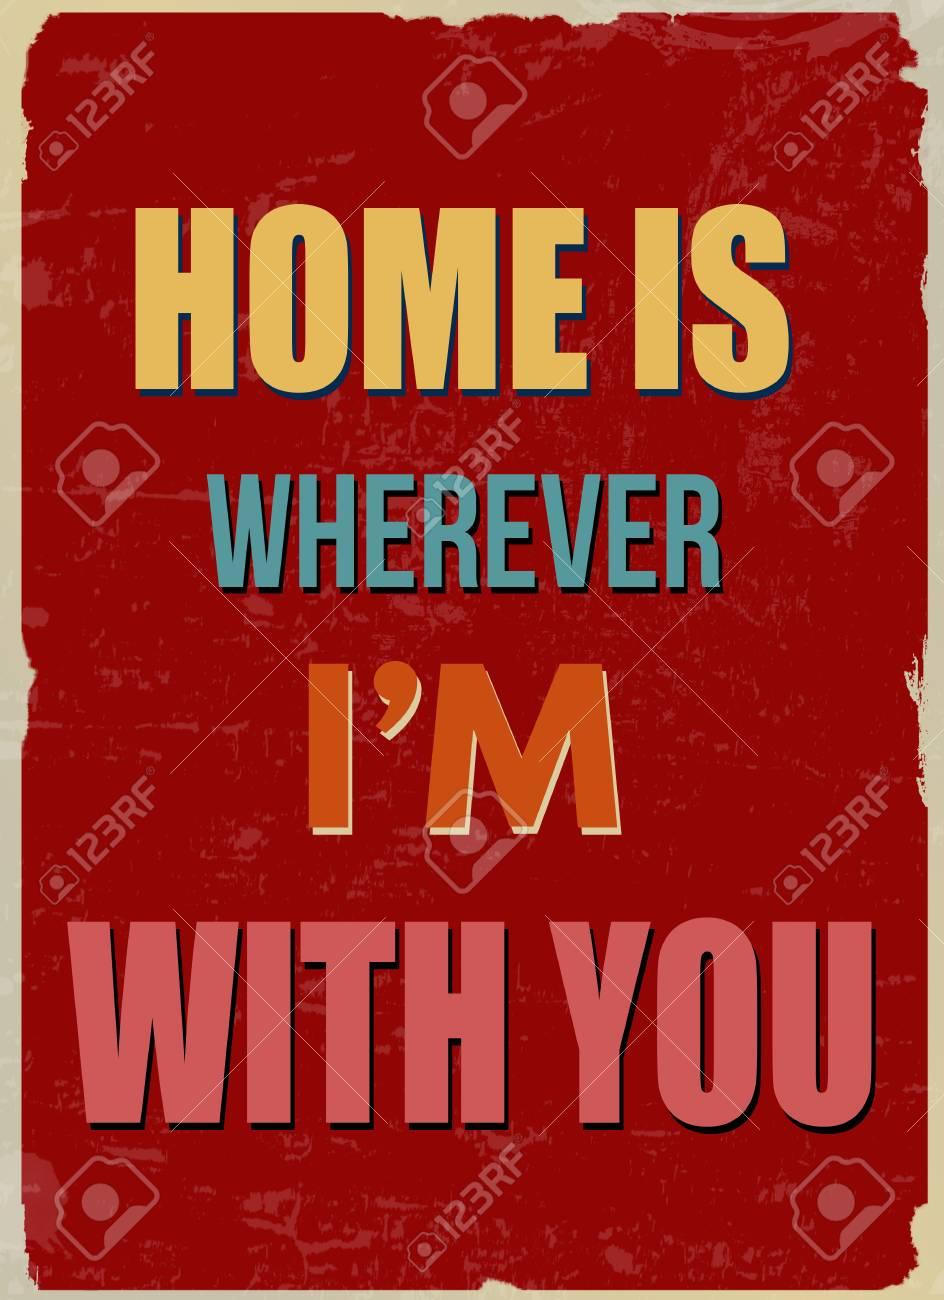 Zuhause Ist Wo Auch Immer Ich Mit Ihnen Romantische Zitat Für